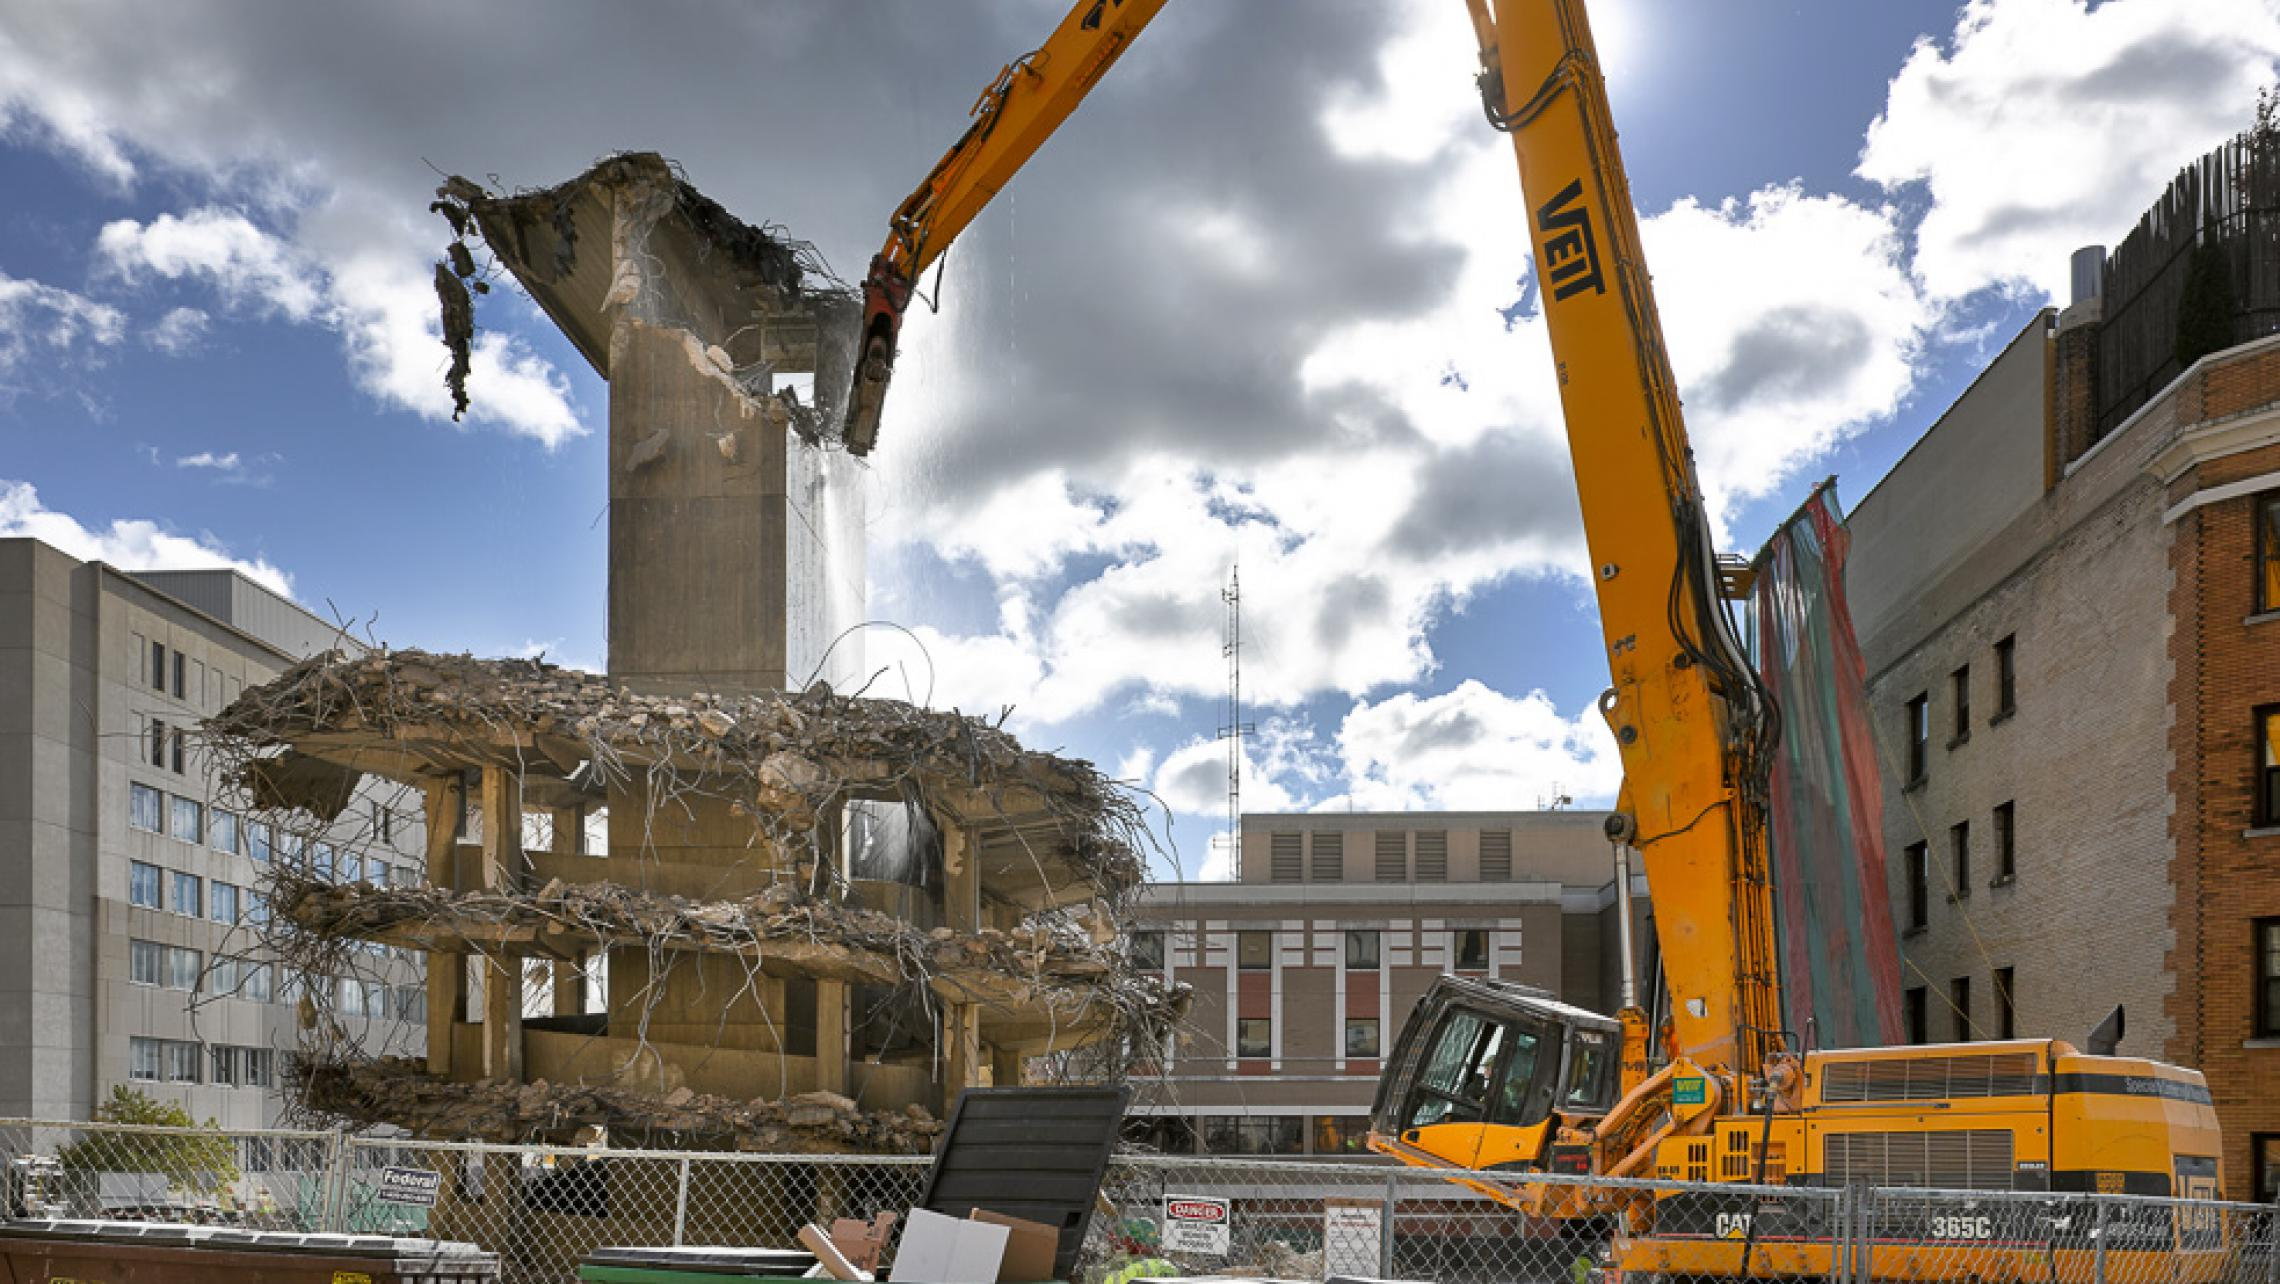 ULI 25 West Main Redevelopment Parking Ramp Demolition